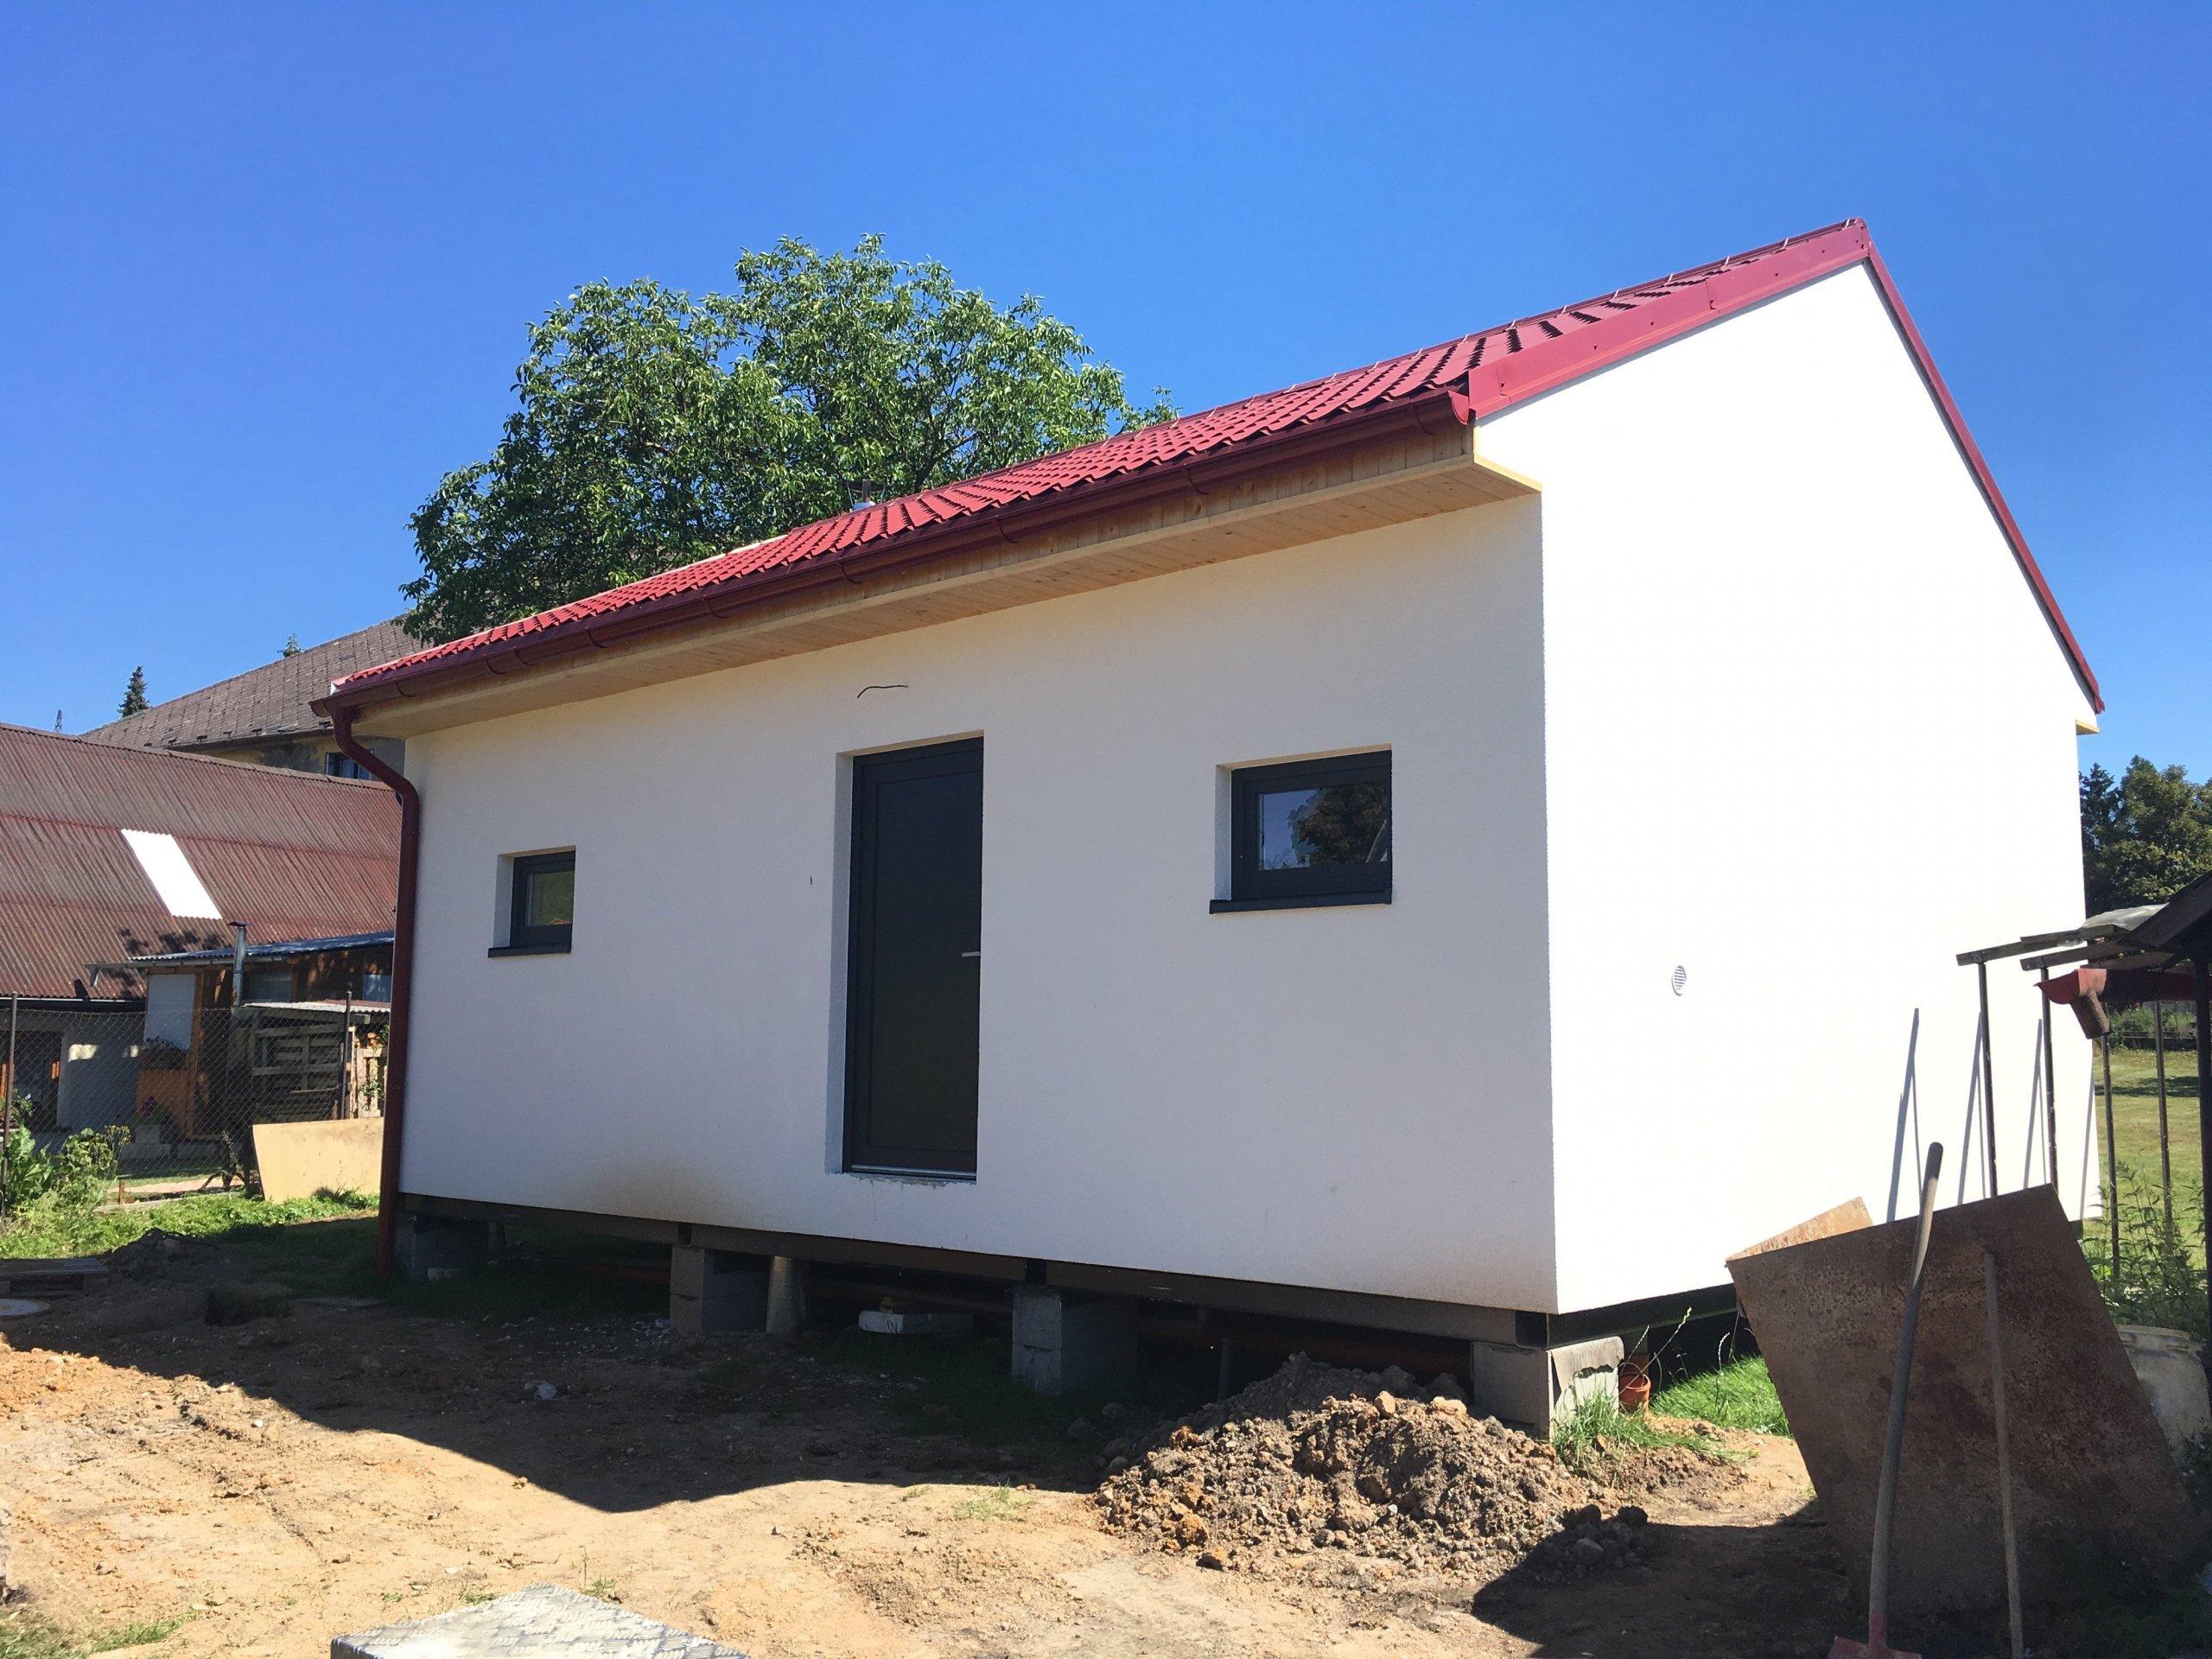 Právě jsme dokončili v Hrádku u Rokycan dřevostavbu o zastavěné ploše 50m2, která vznikla kombinací návrhu projektanta a požadavků majitelů. Stavba je dalším z…